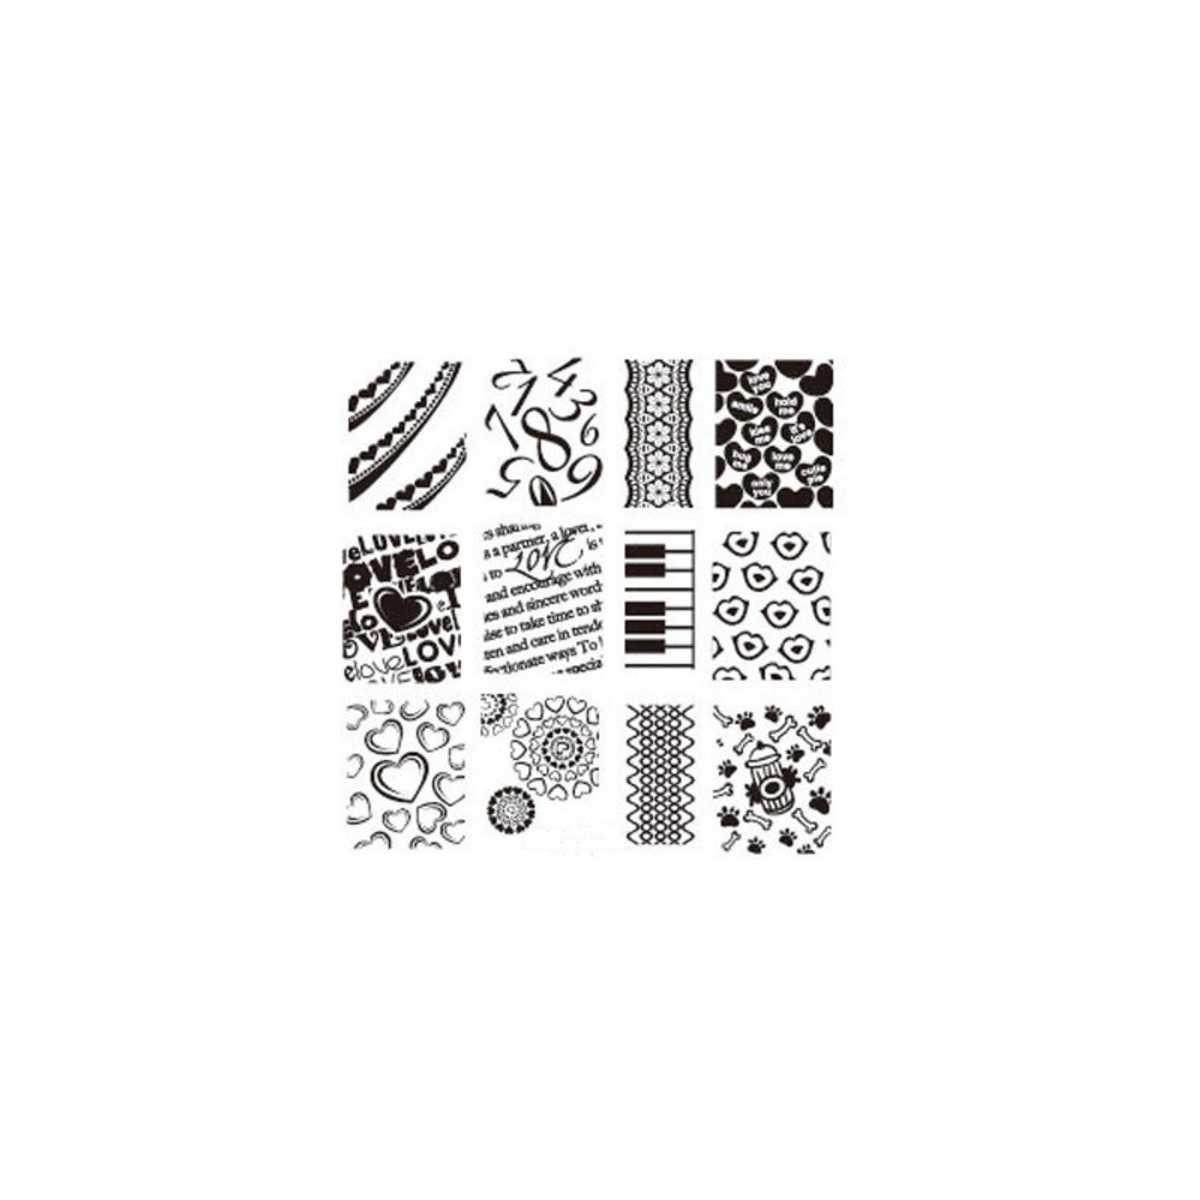 https://www.kit-manucure.com/989-thickbox_default/plaque-de-stamping-chiffres-coeurs-love-et-piano.jpg